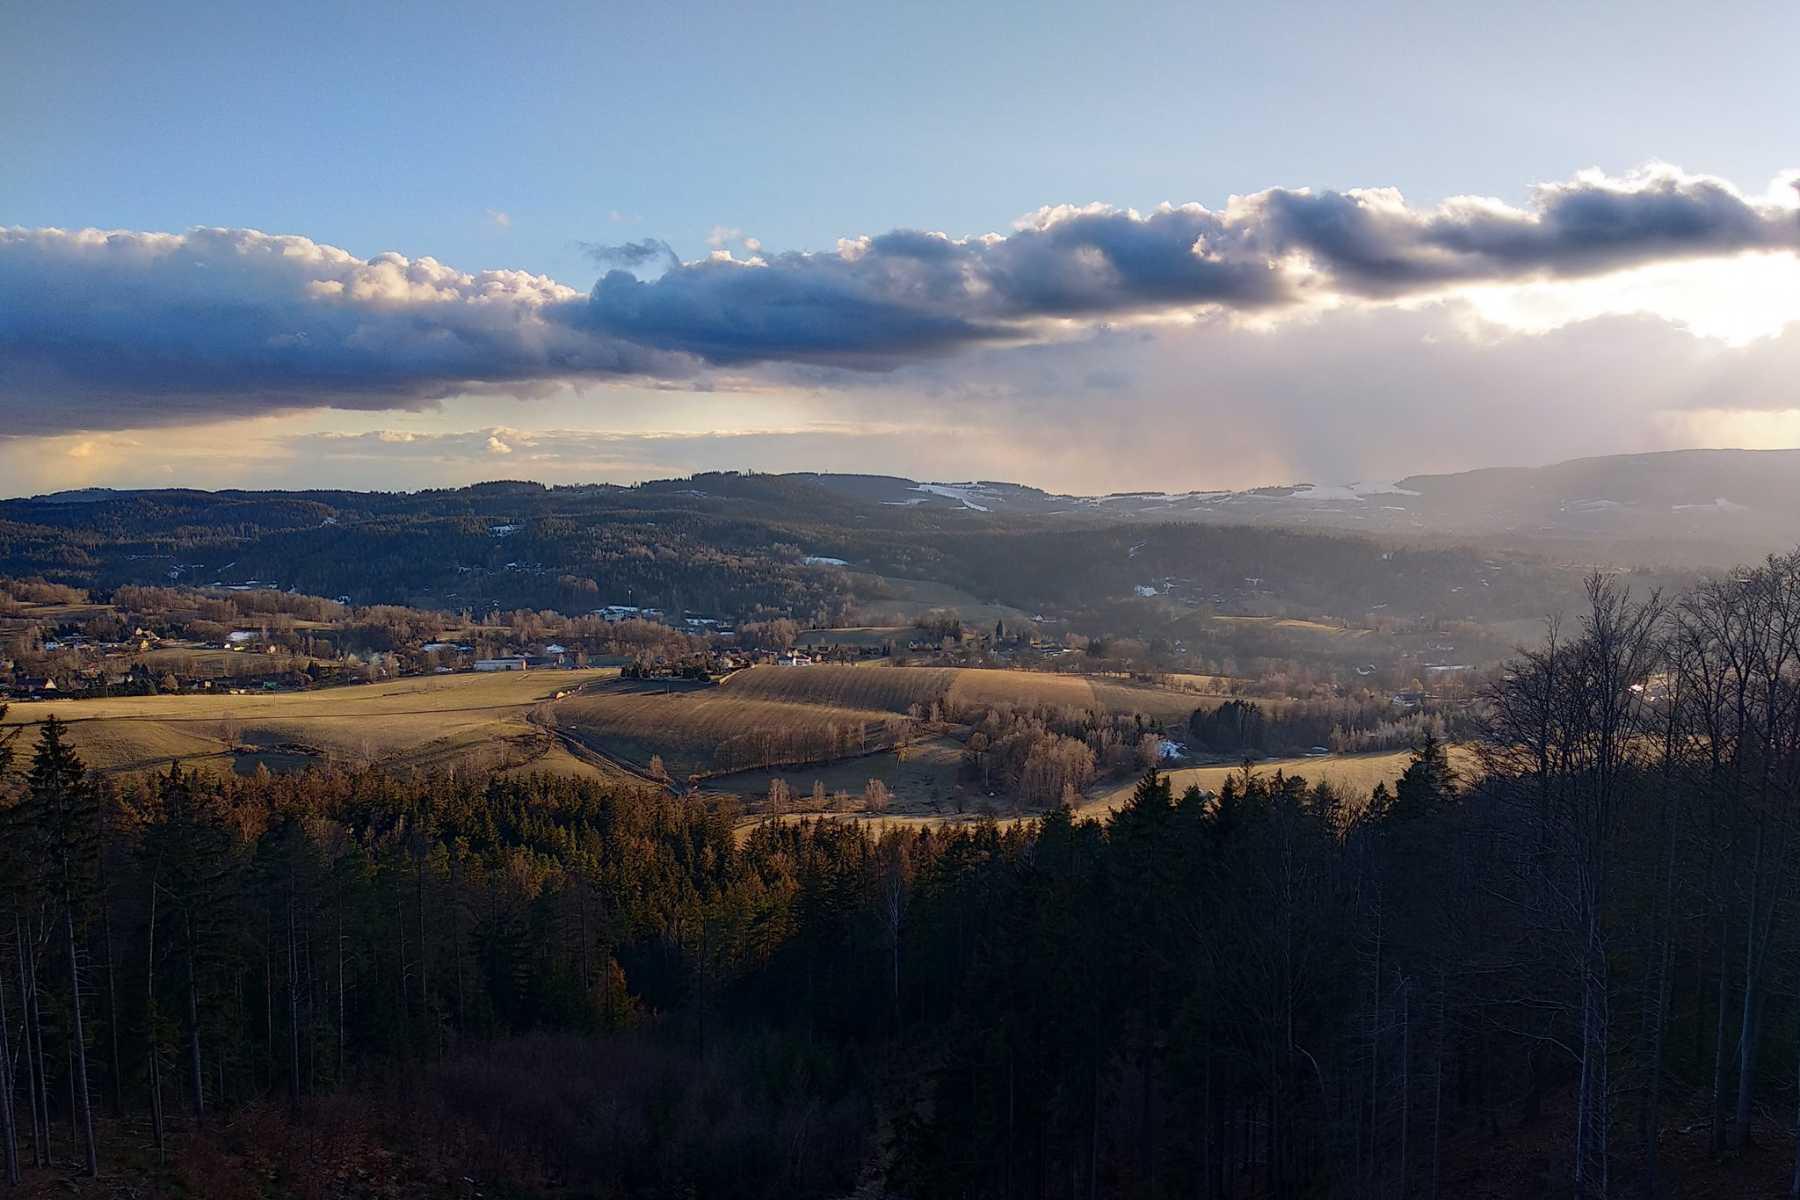 Výhled z terasy Chaty nad Prosečí - Jablonecko, Liberecko